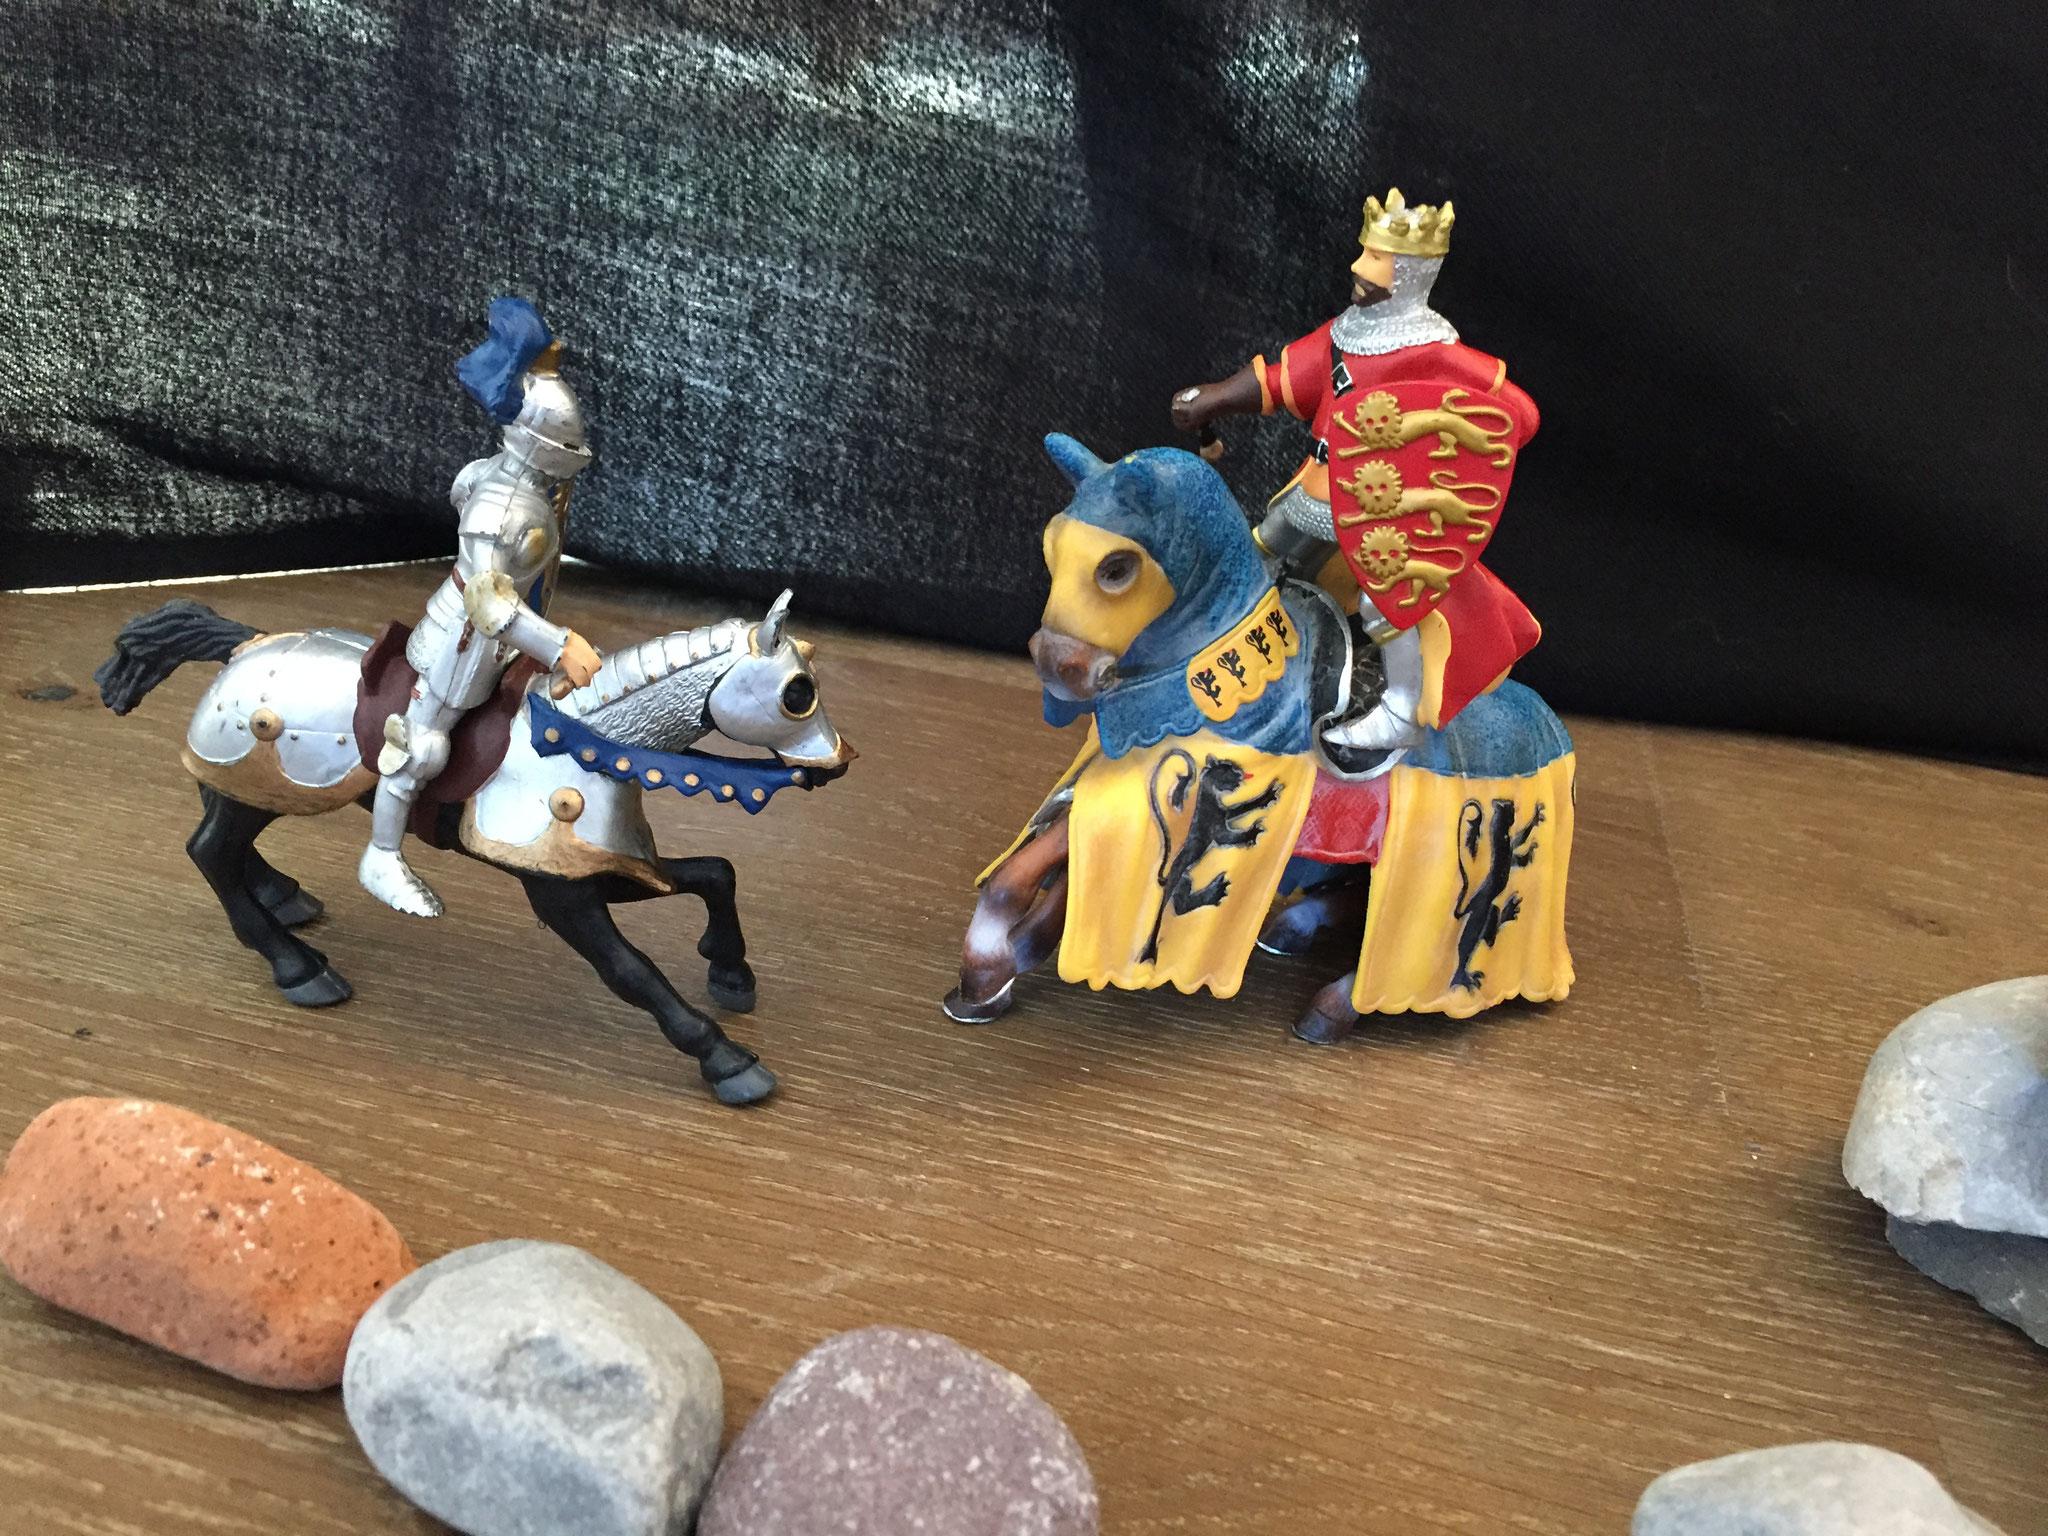 Schnell ritt der Ritter zum König und erzählte ihm, was er gesehen hatte.